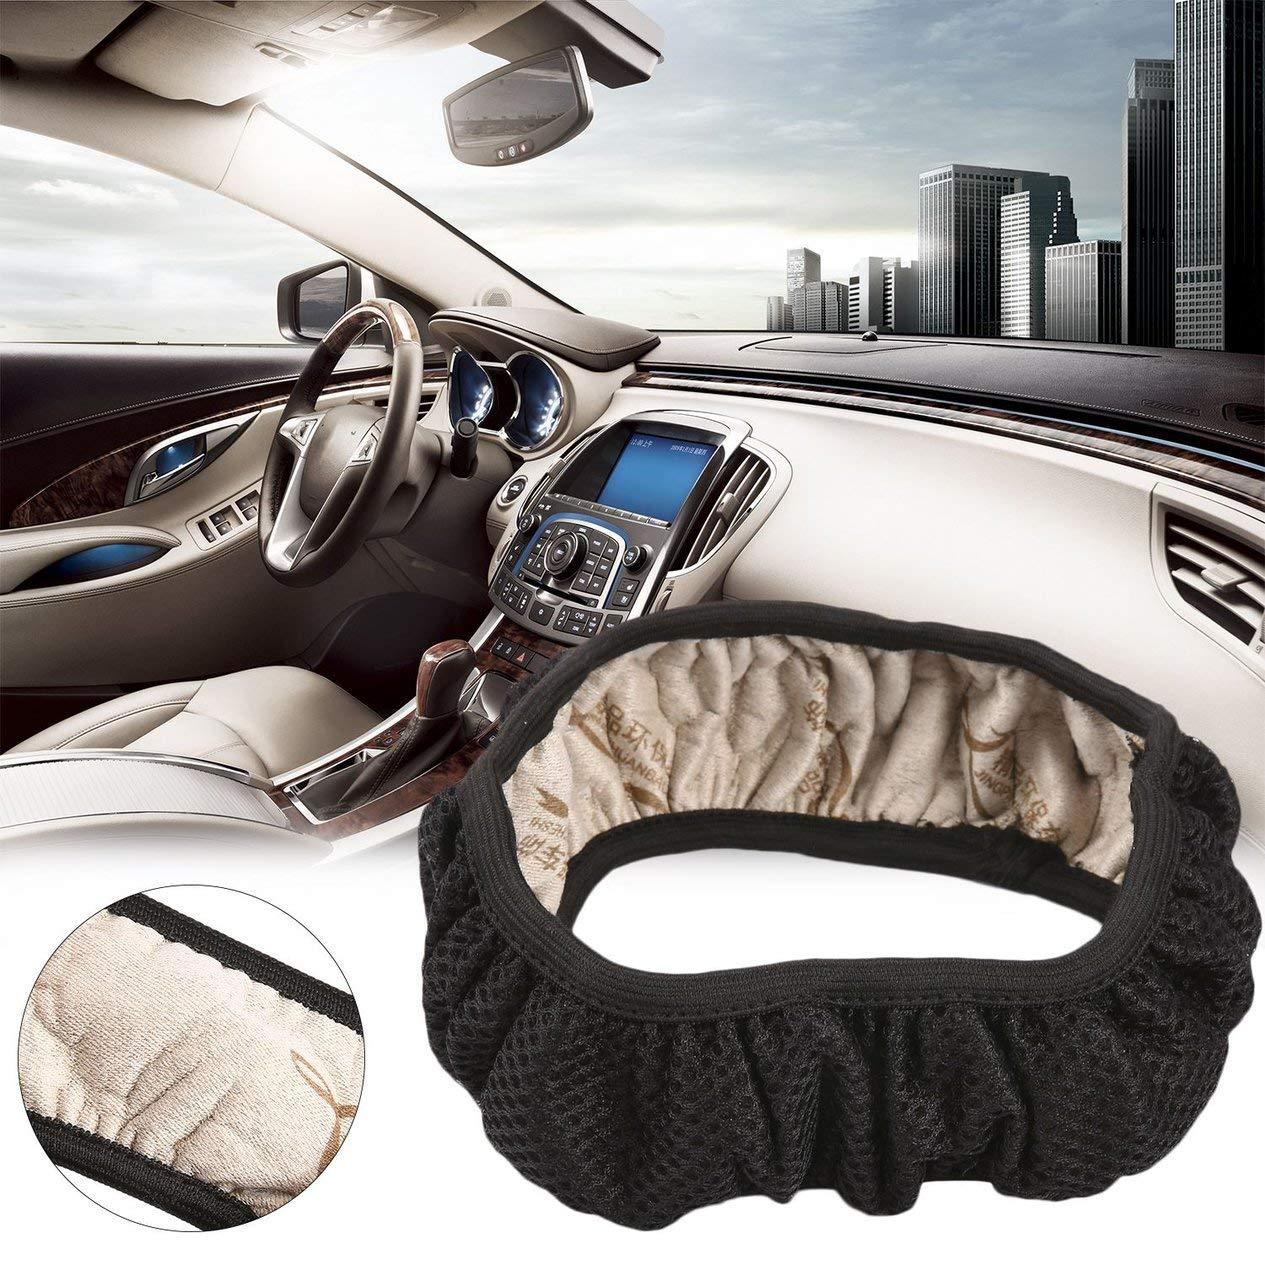 Funda universal antideslizante para volante de coche antideslizante hecha a mano alta elasticidad para decoraci/ón de veh/ículos EdBerk74